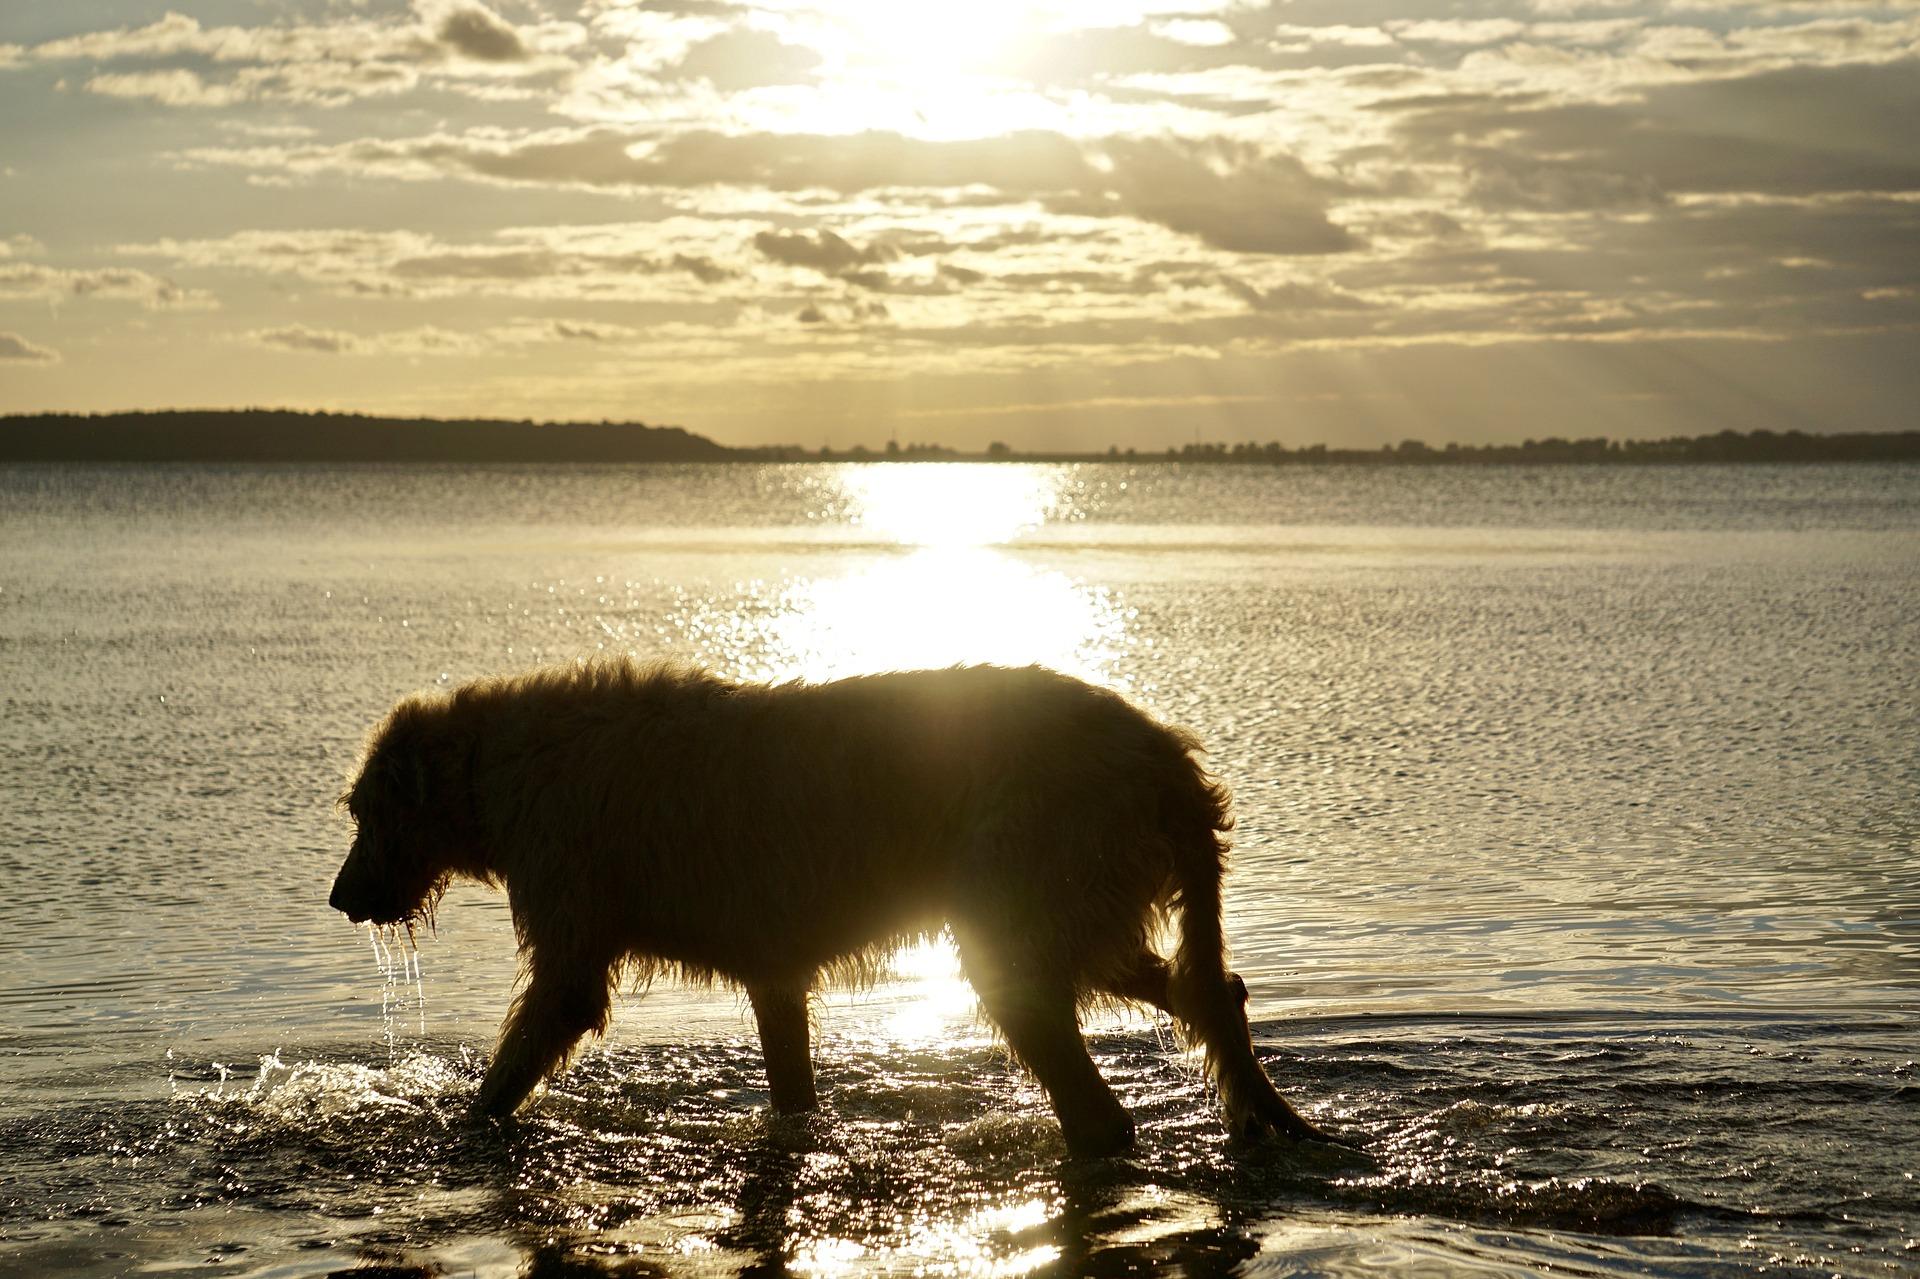 Wilczarz jest spokojnym i zrównoważonym psem, lubi bieganie. Polecany jest dla osób wrażliwych, mających dużo czasu i pieniędzy, aby mu je poświęcić.